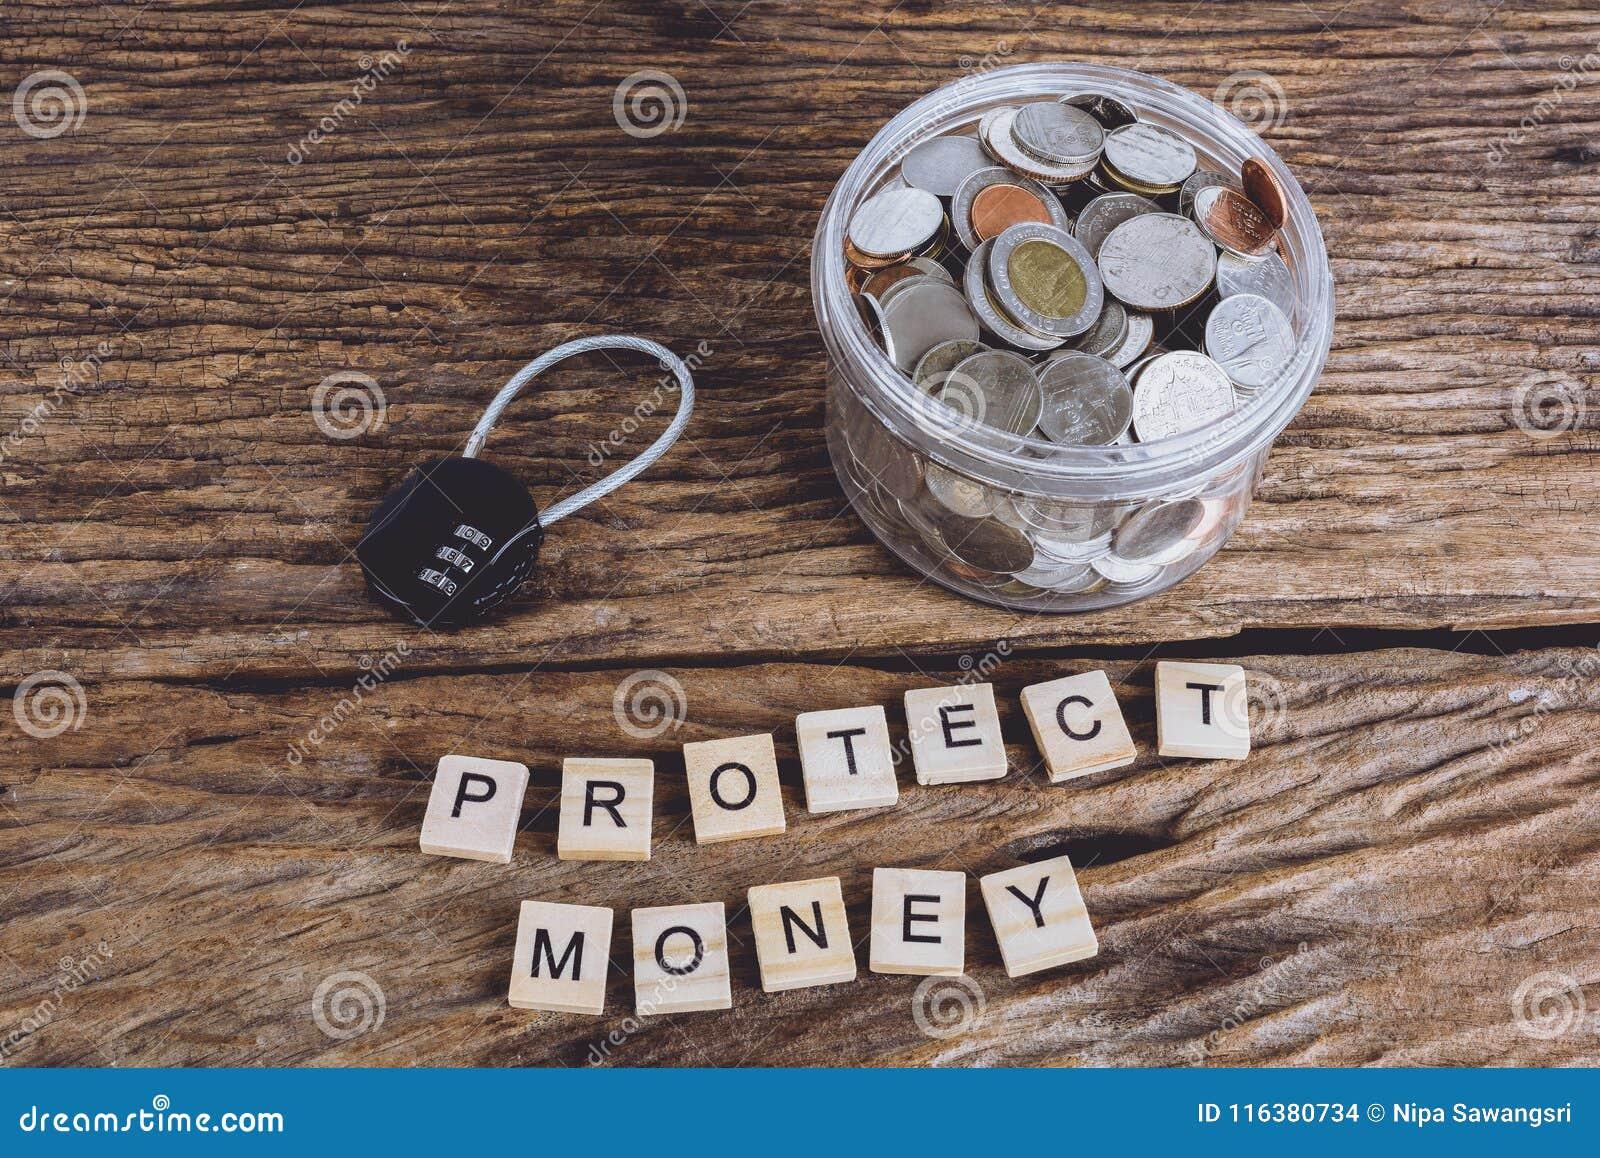 Κλειδαριά ασφάλειας με pass-code και τα πλήρη νομίσματα με το βάζο, λέξεις PROT